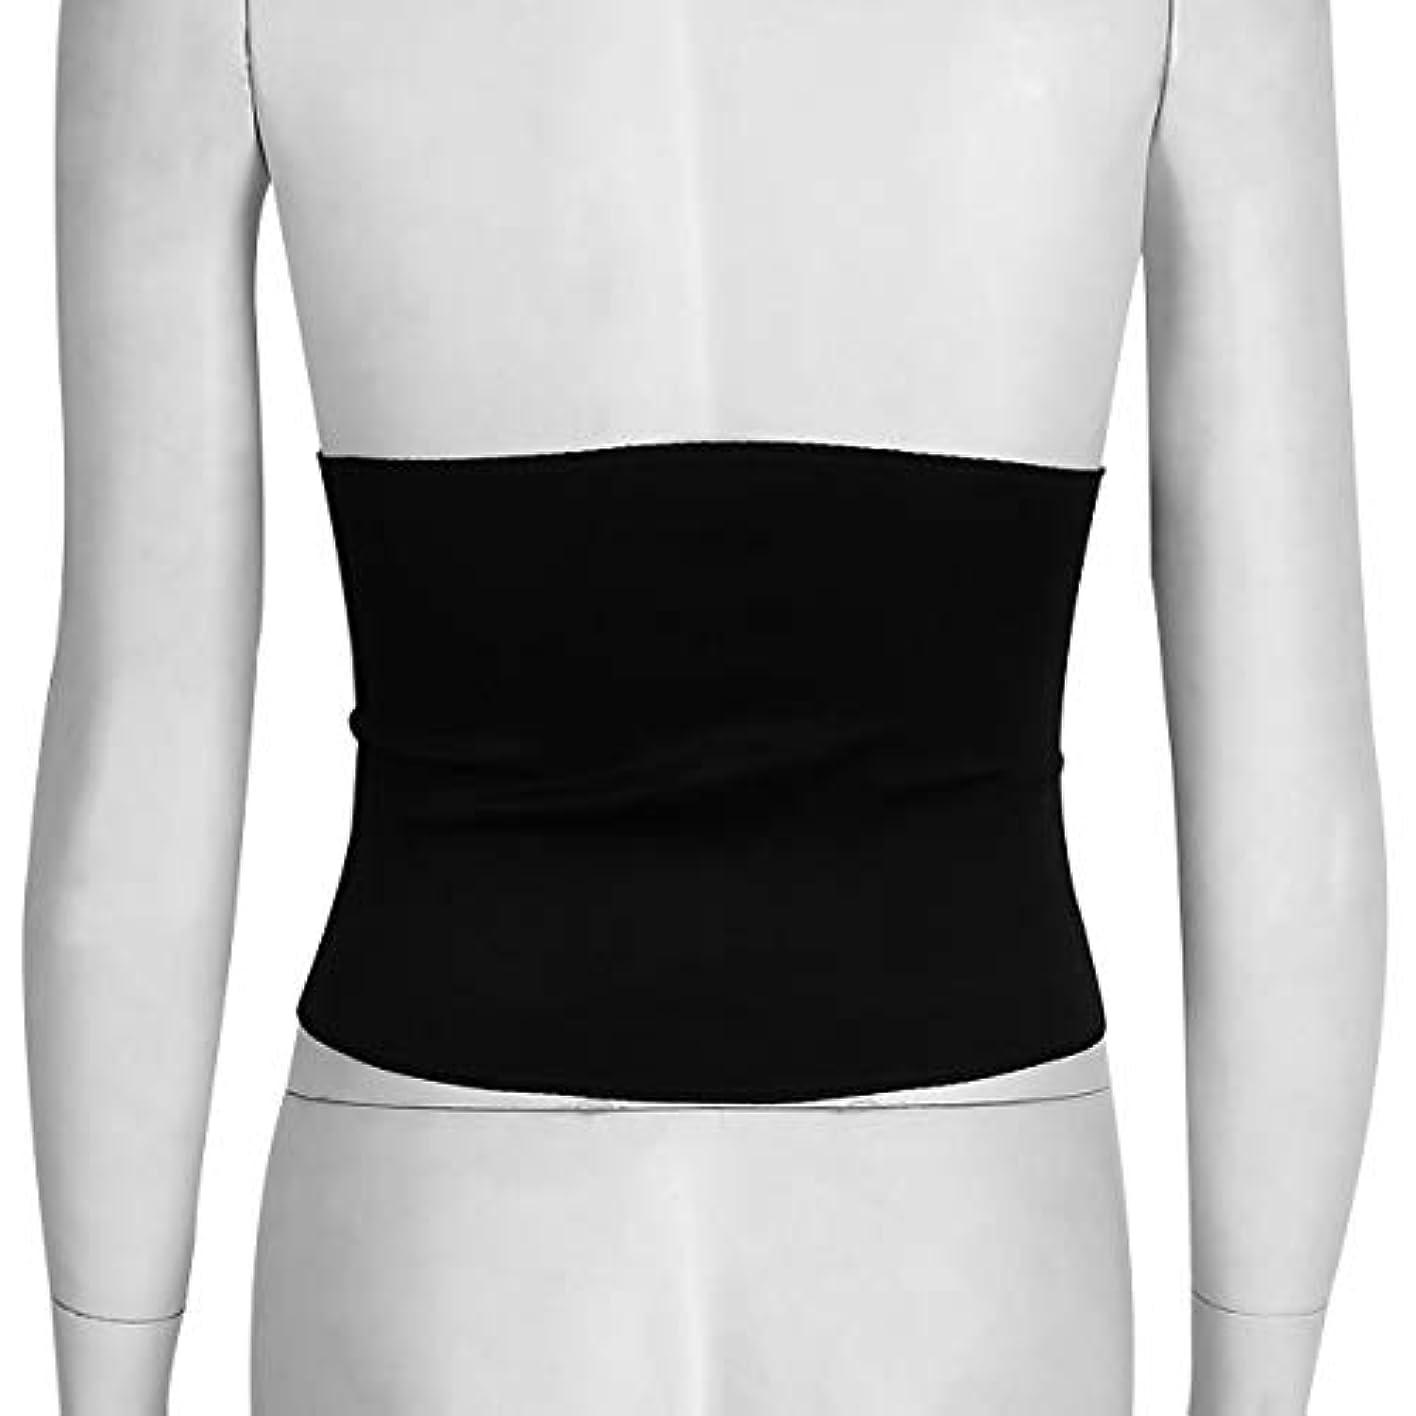 ファウル労働タフWomen Adult Solid Neoprene Healthy Slimming Weight Loss Waist Belts Body Shaper Slimming Trainer Trimmer Corsets